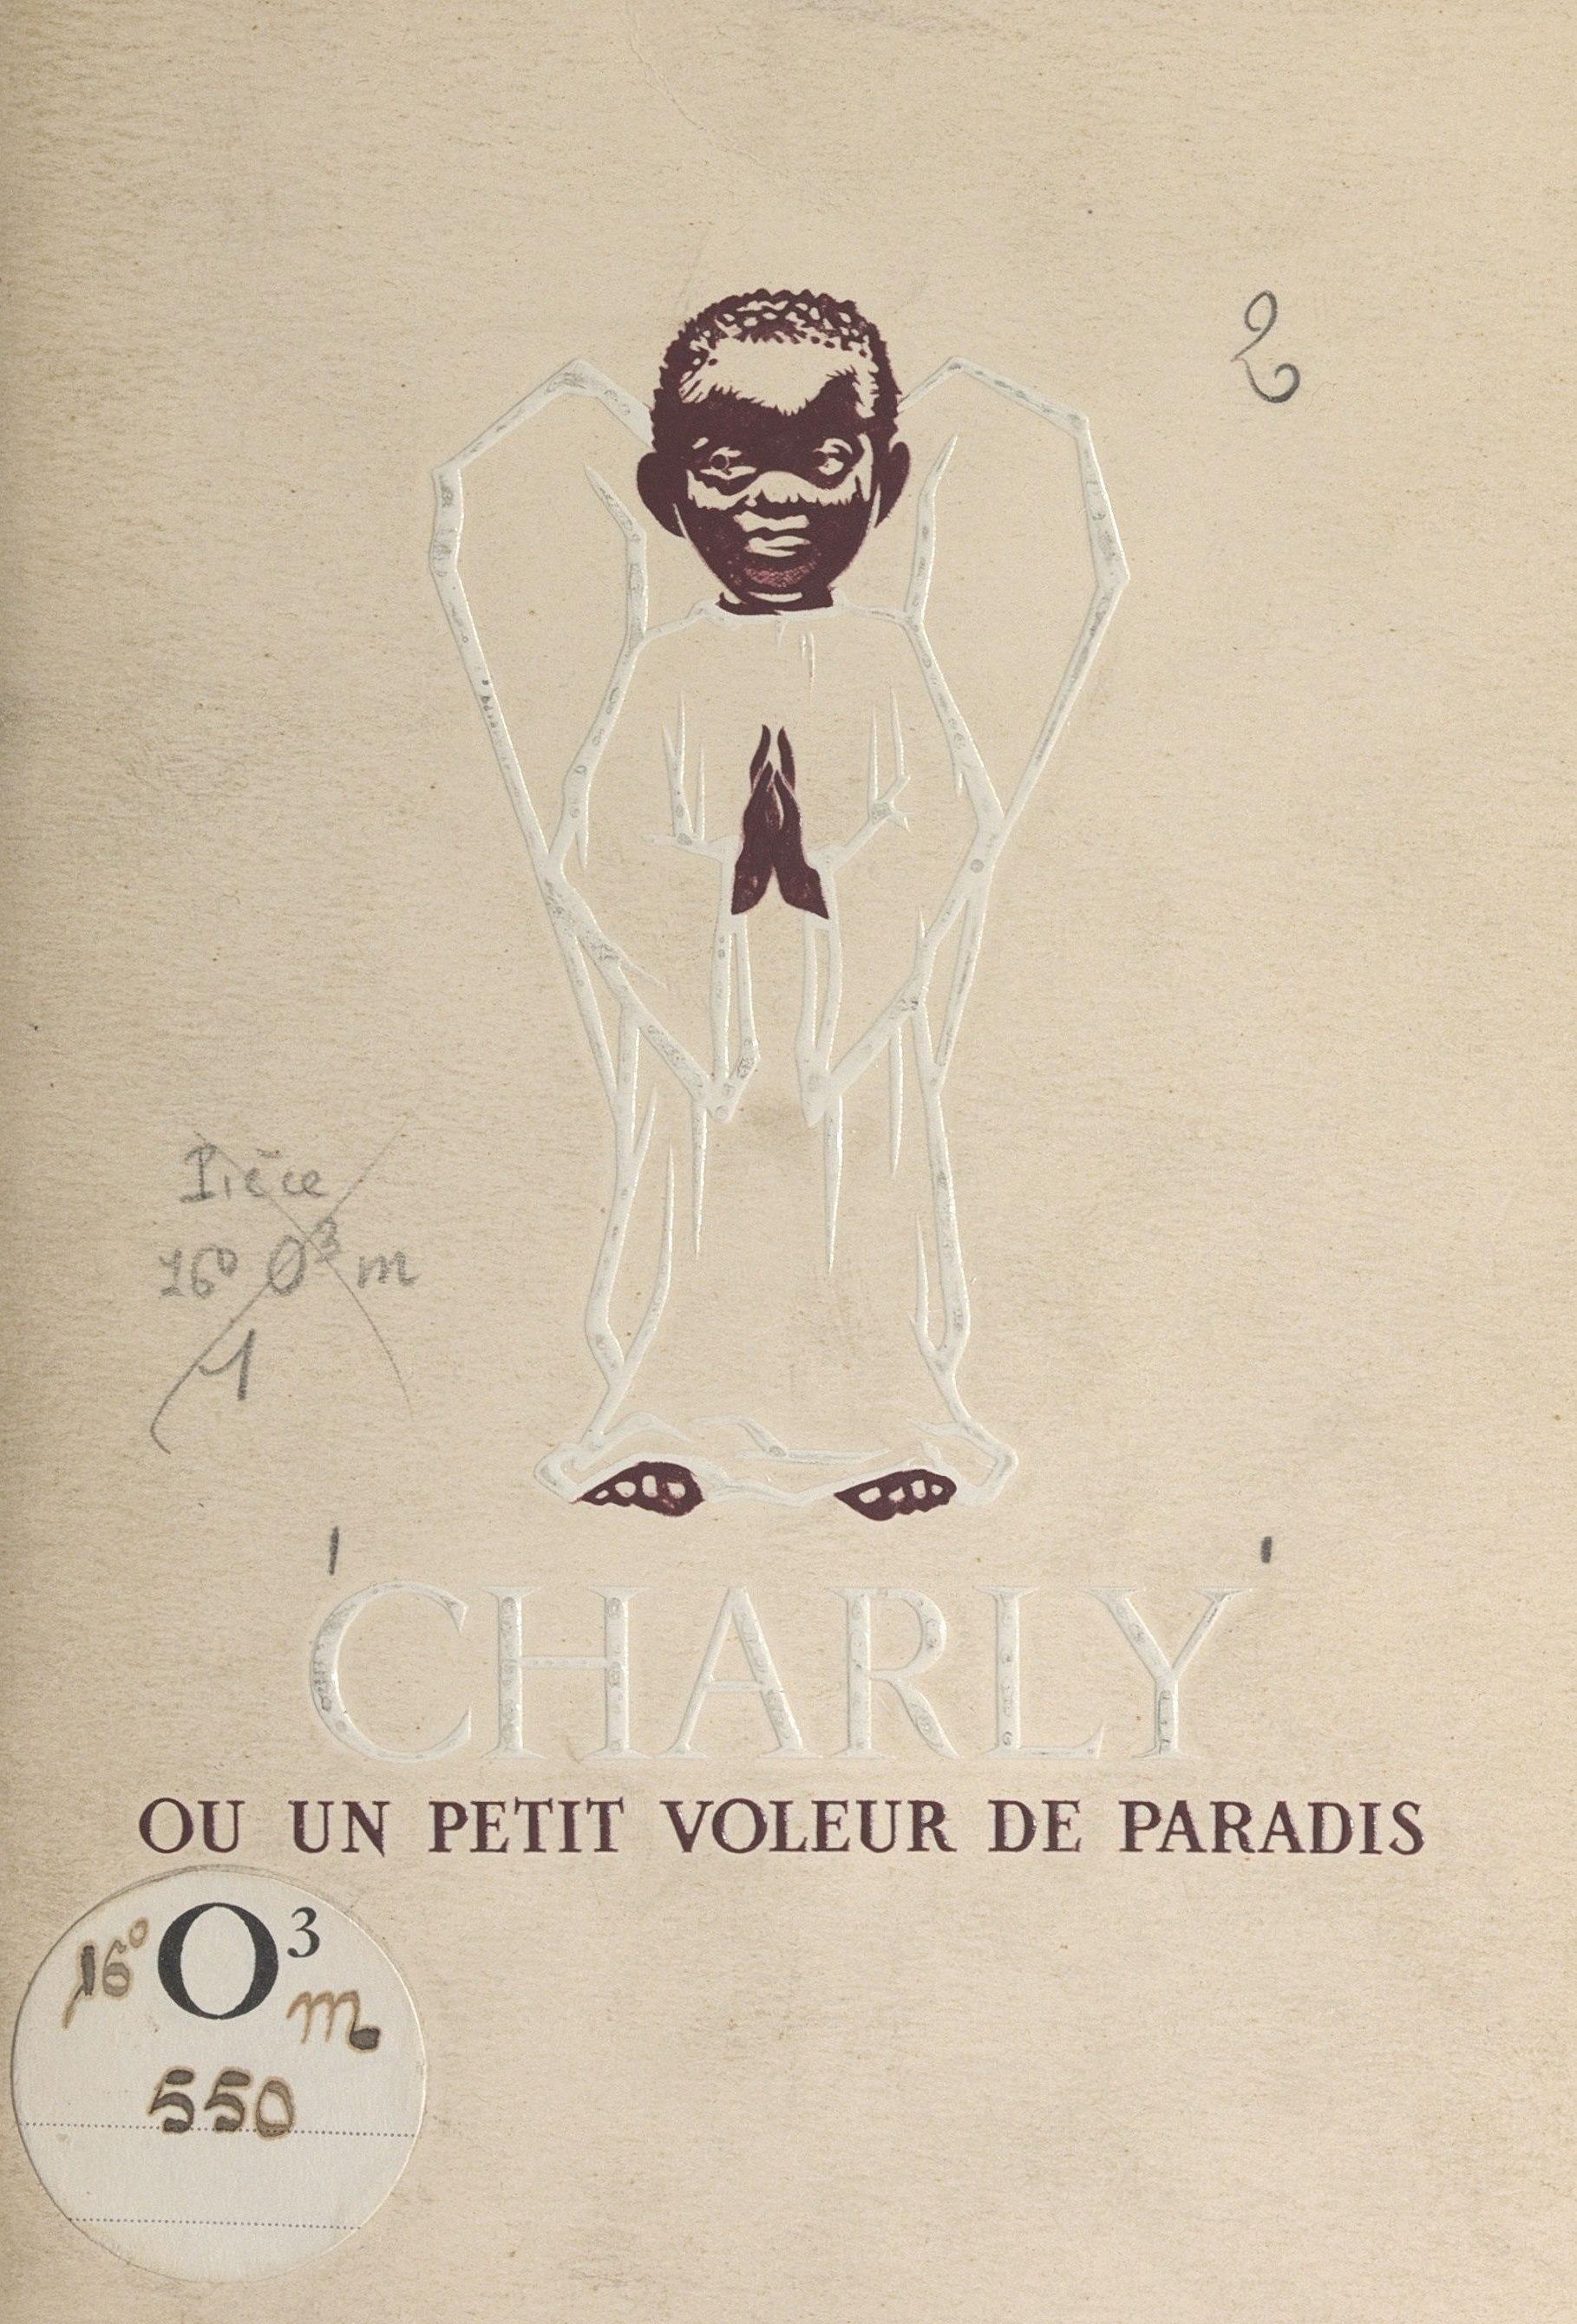 Charly, ou un petit voleur ...